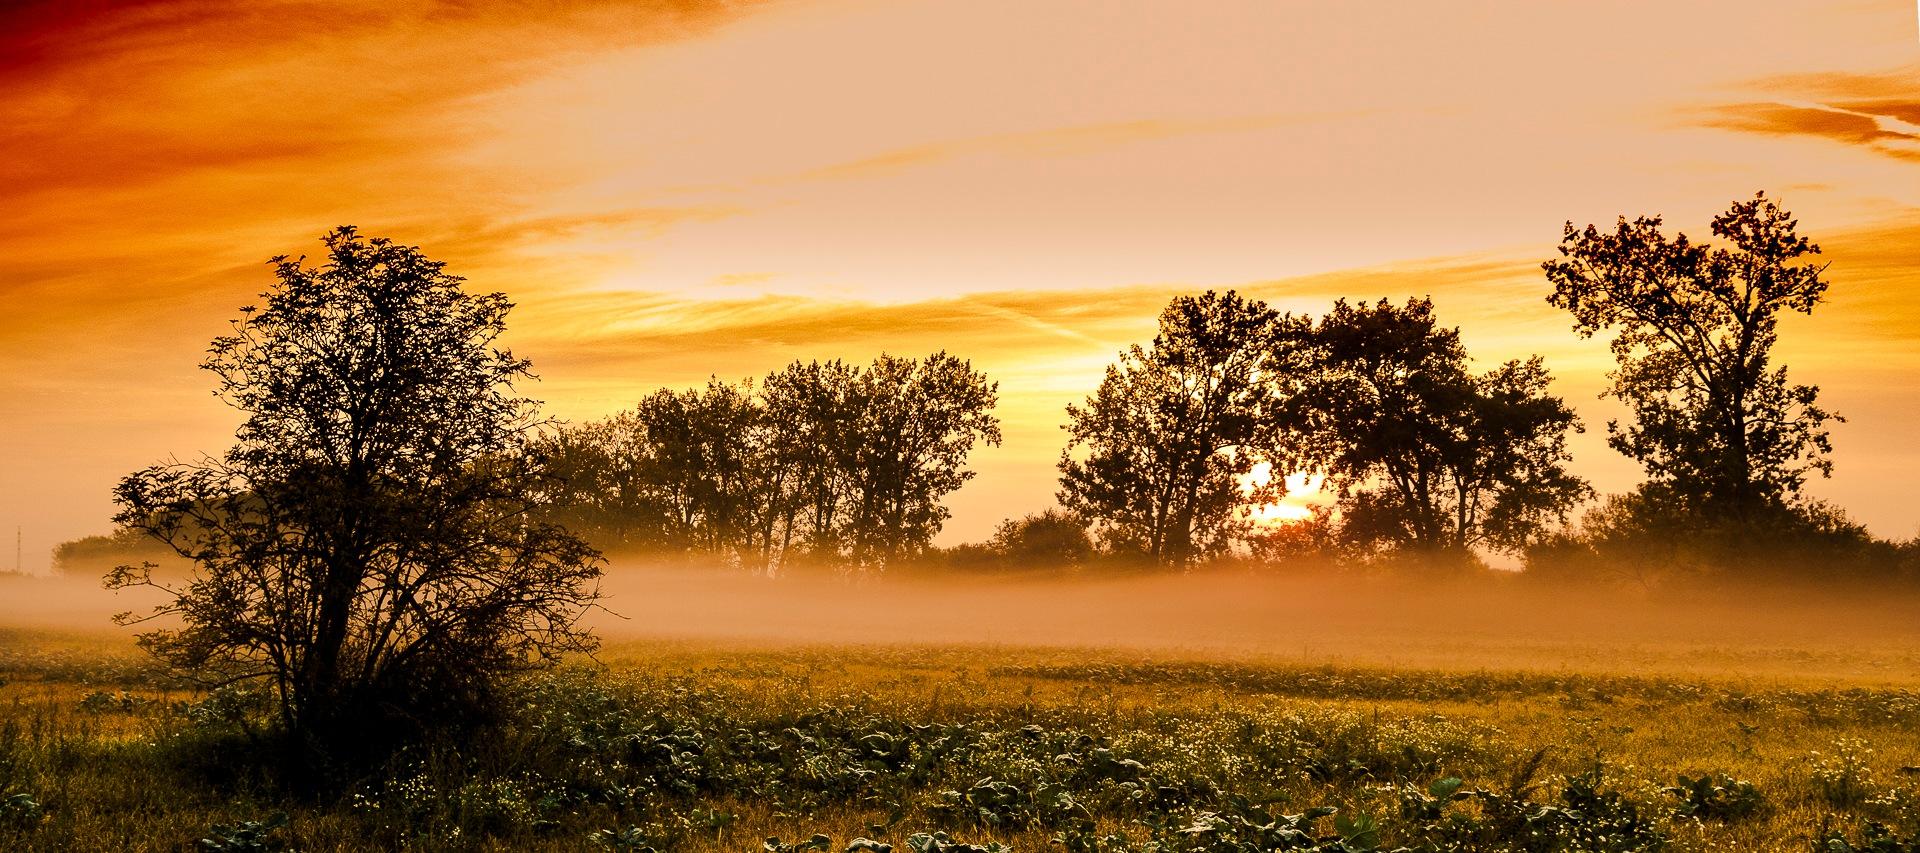 Golden morning by Juraj ČIČATKO